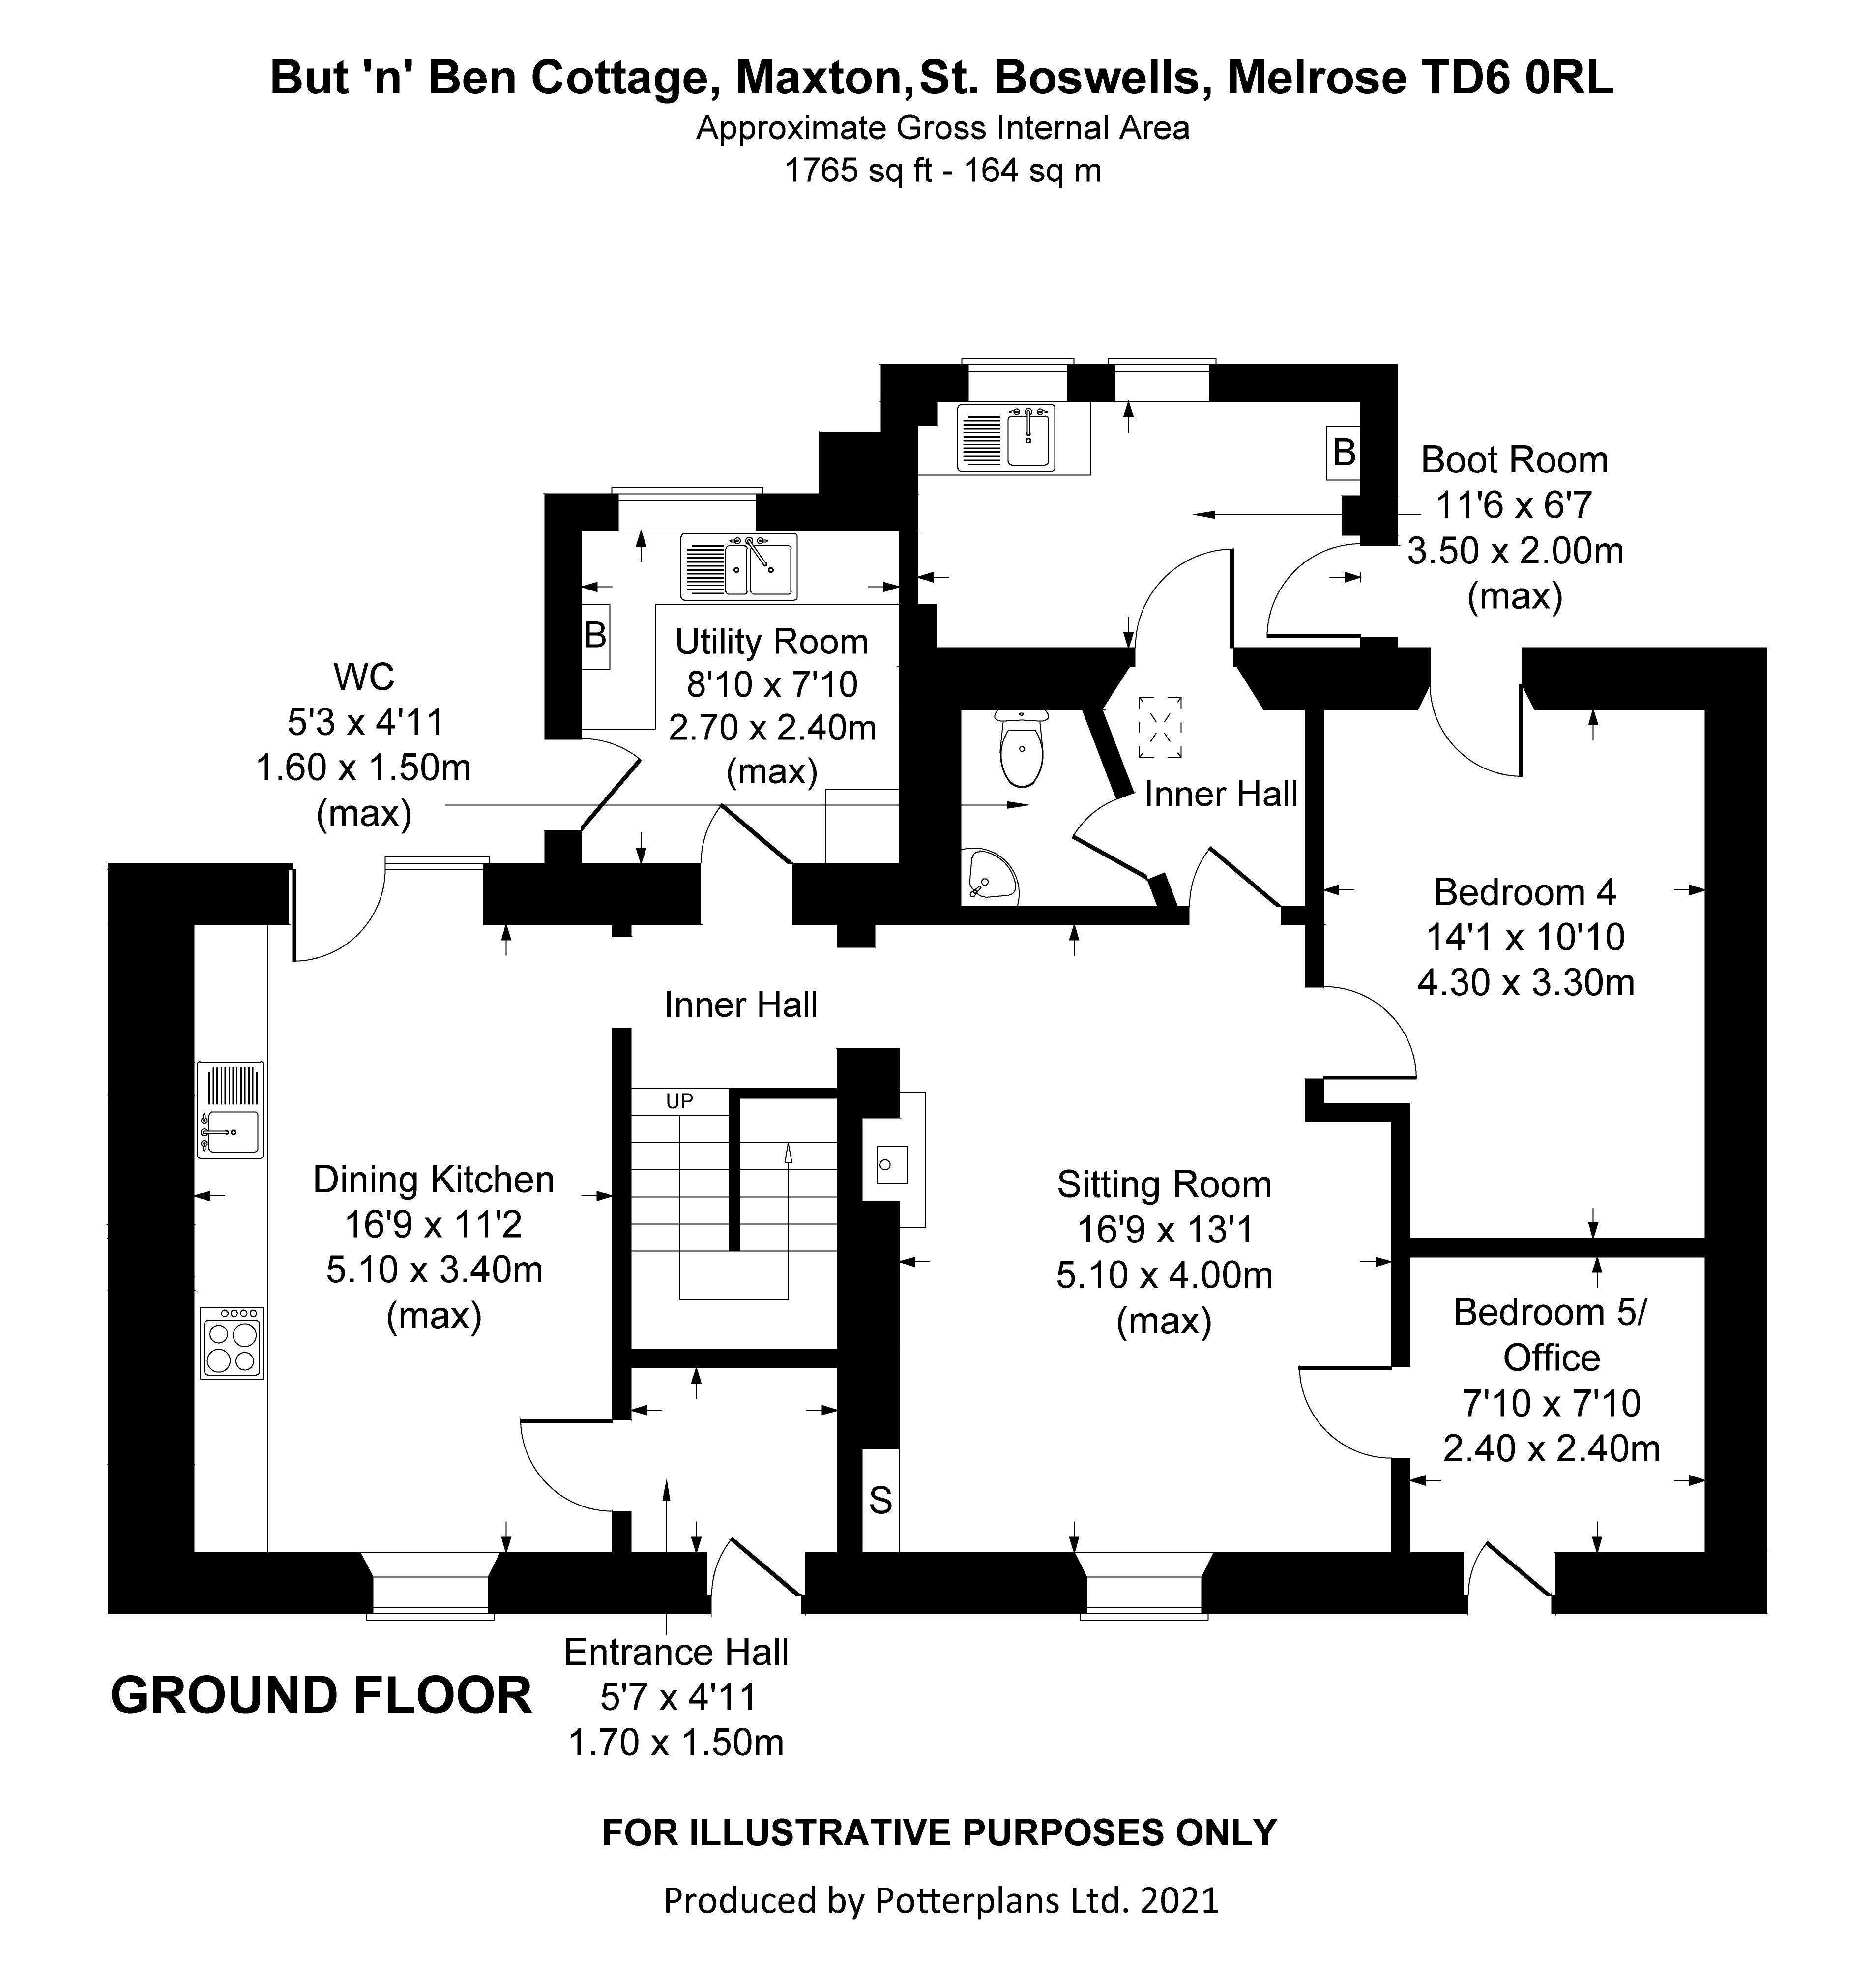 But 'n' Ben Cottage Ground Floor